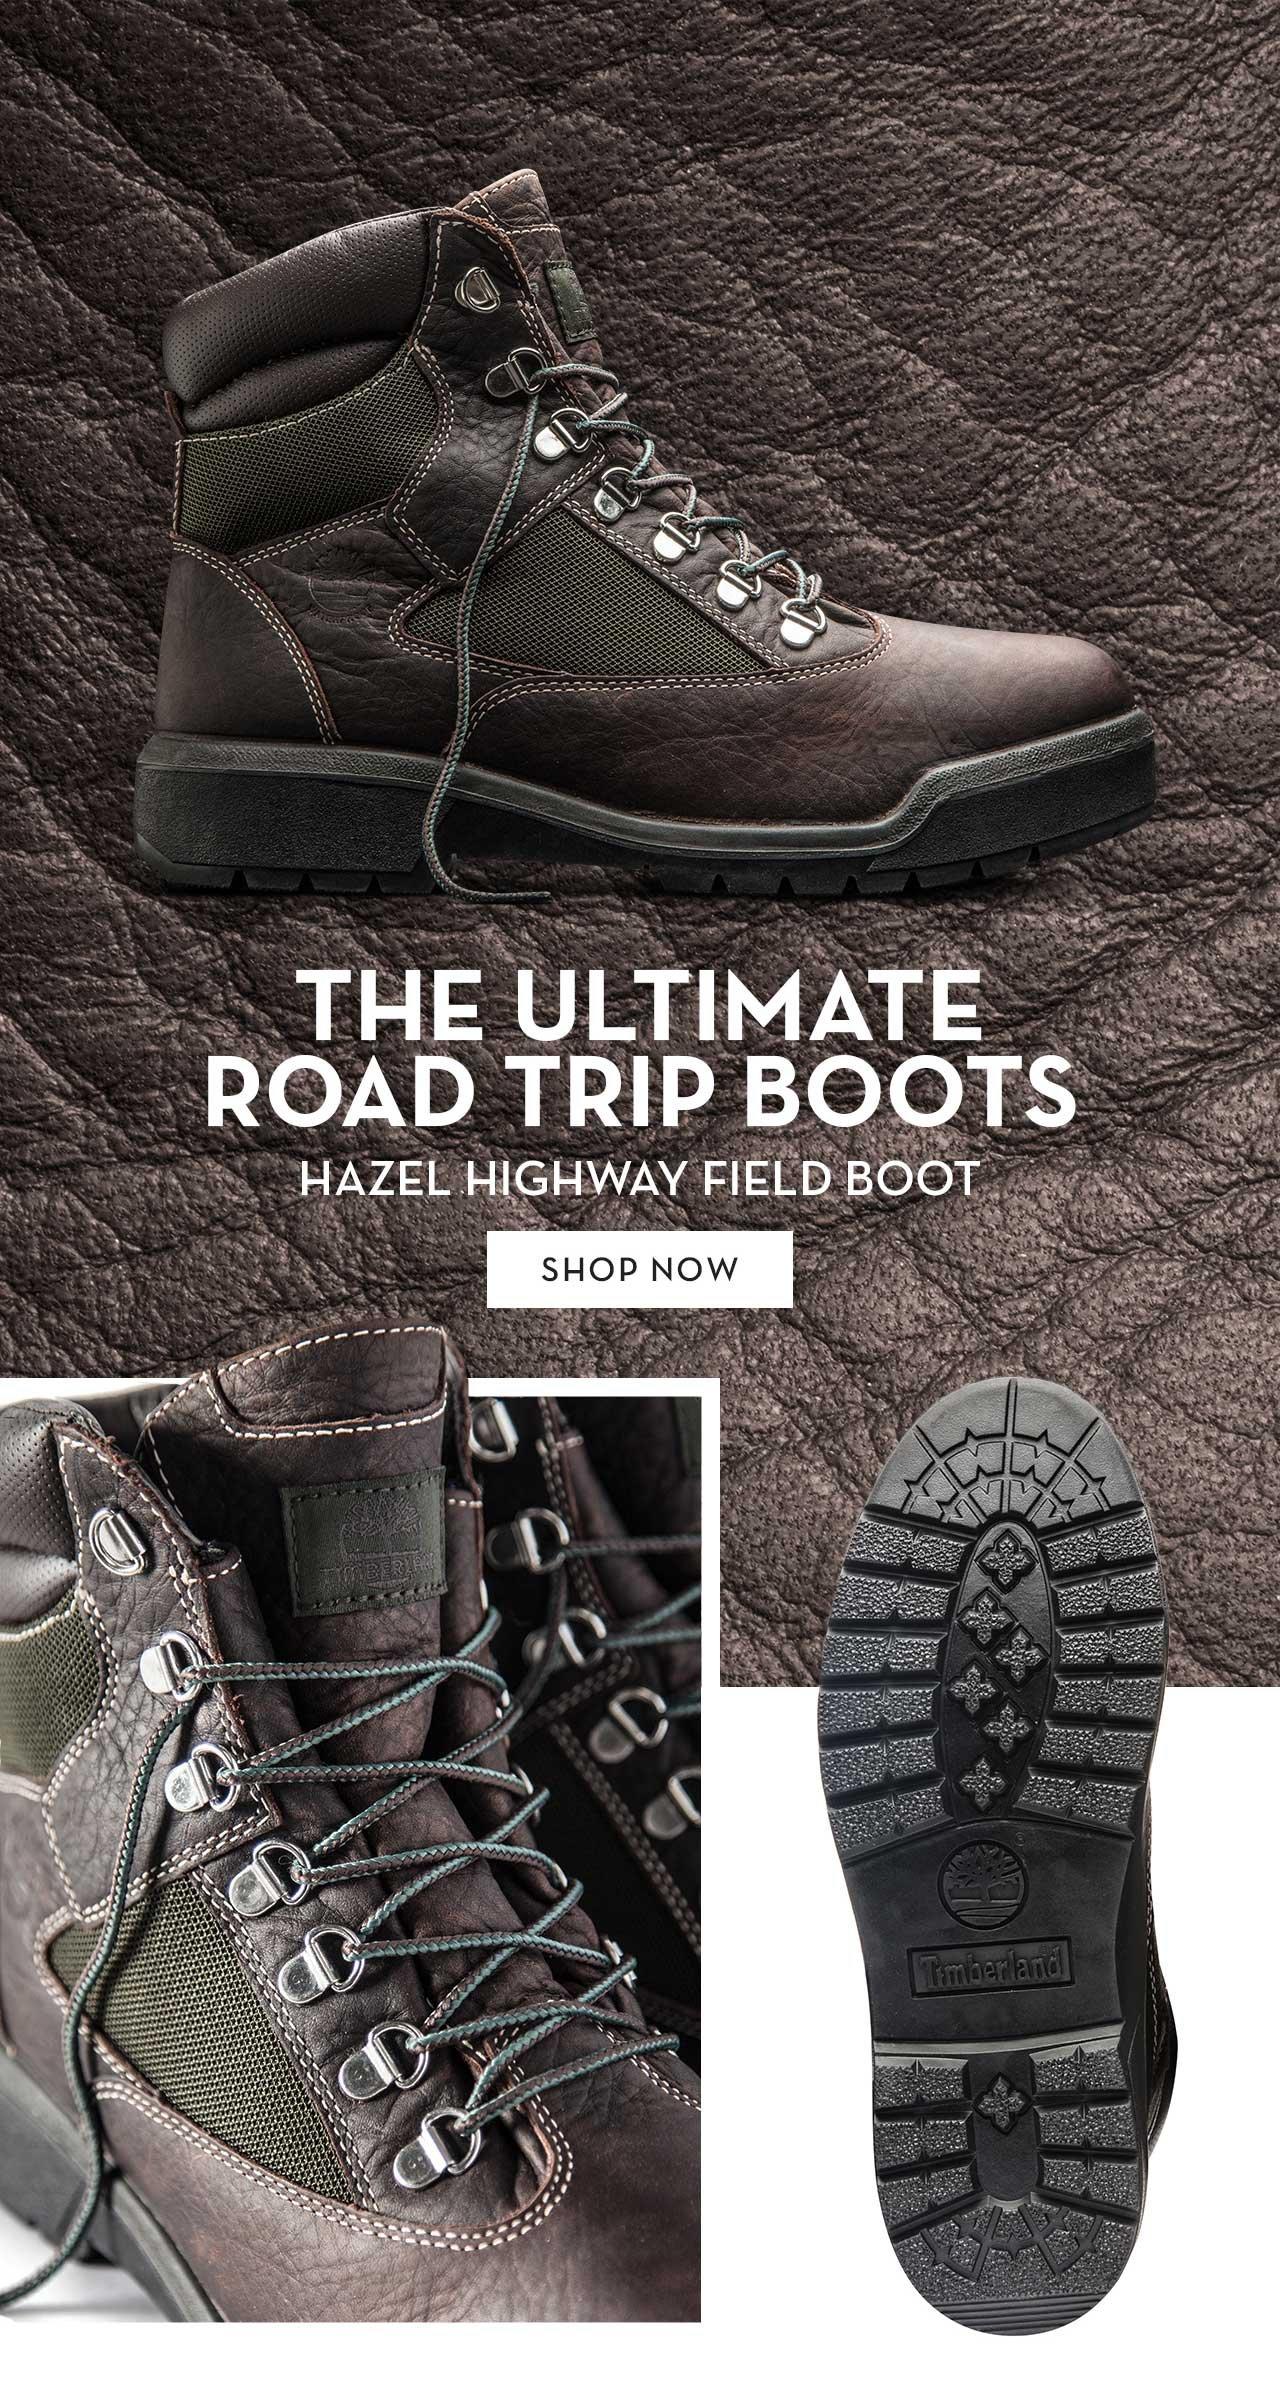 Hazel Highway Field Boot